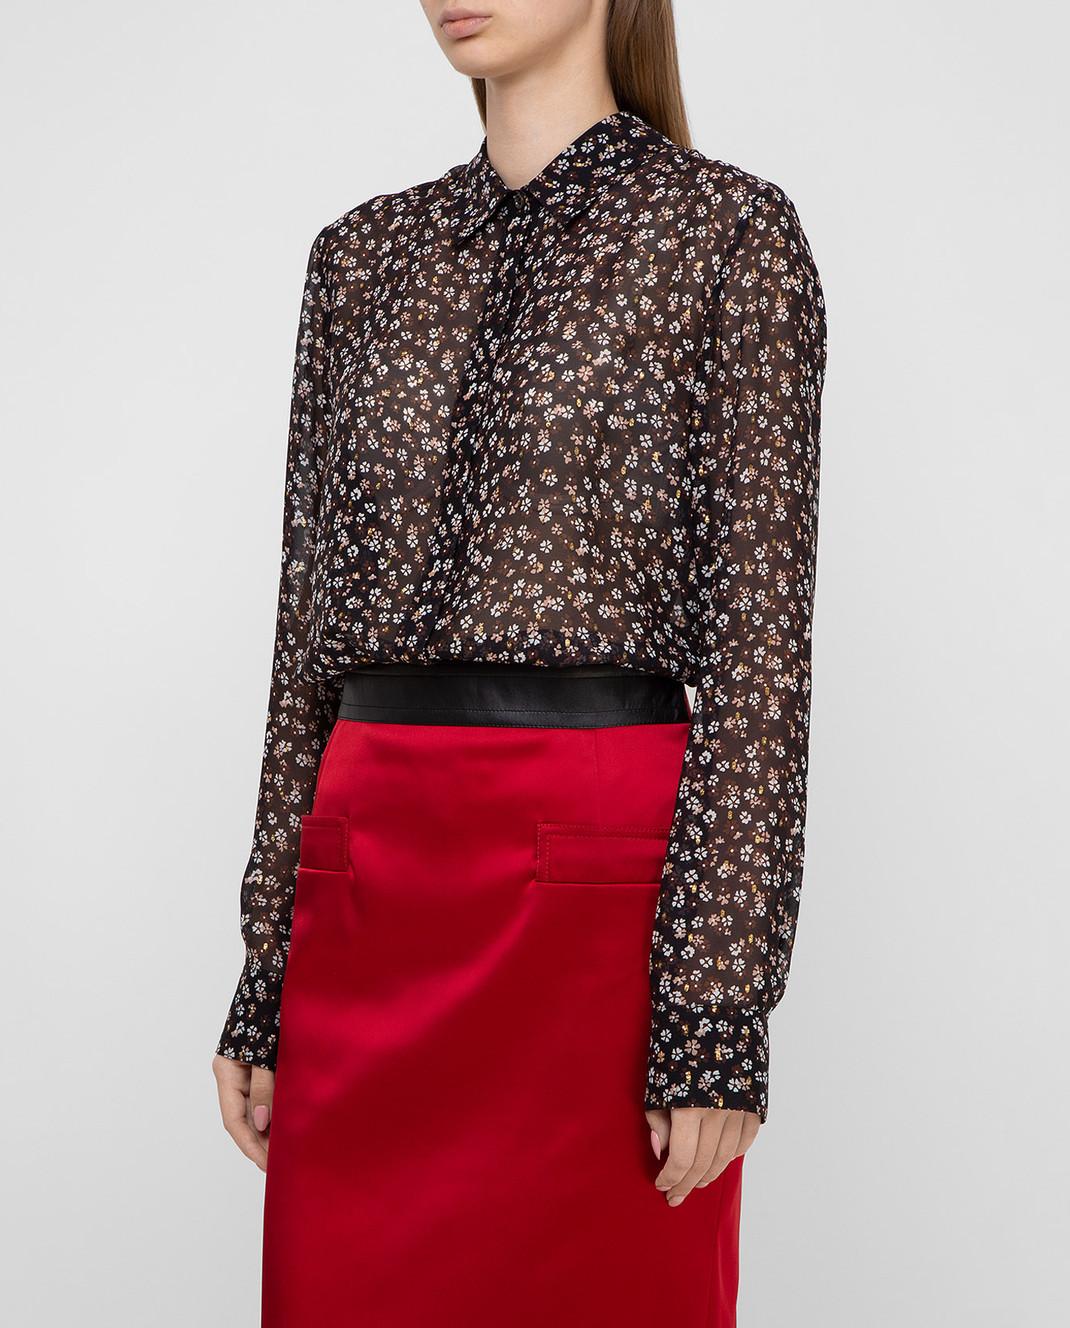 Altuzarra Черная блуза из шелка 418414848 изображение 3